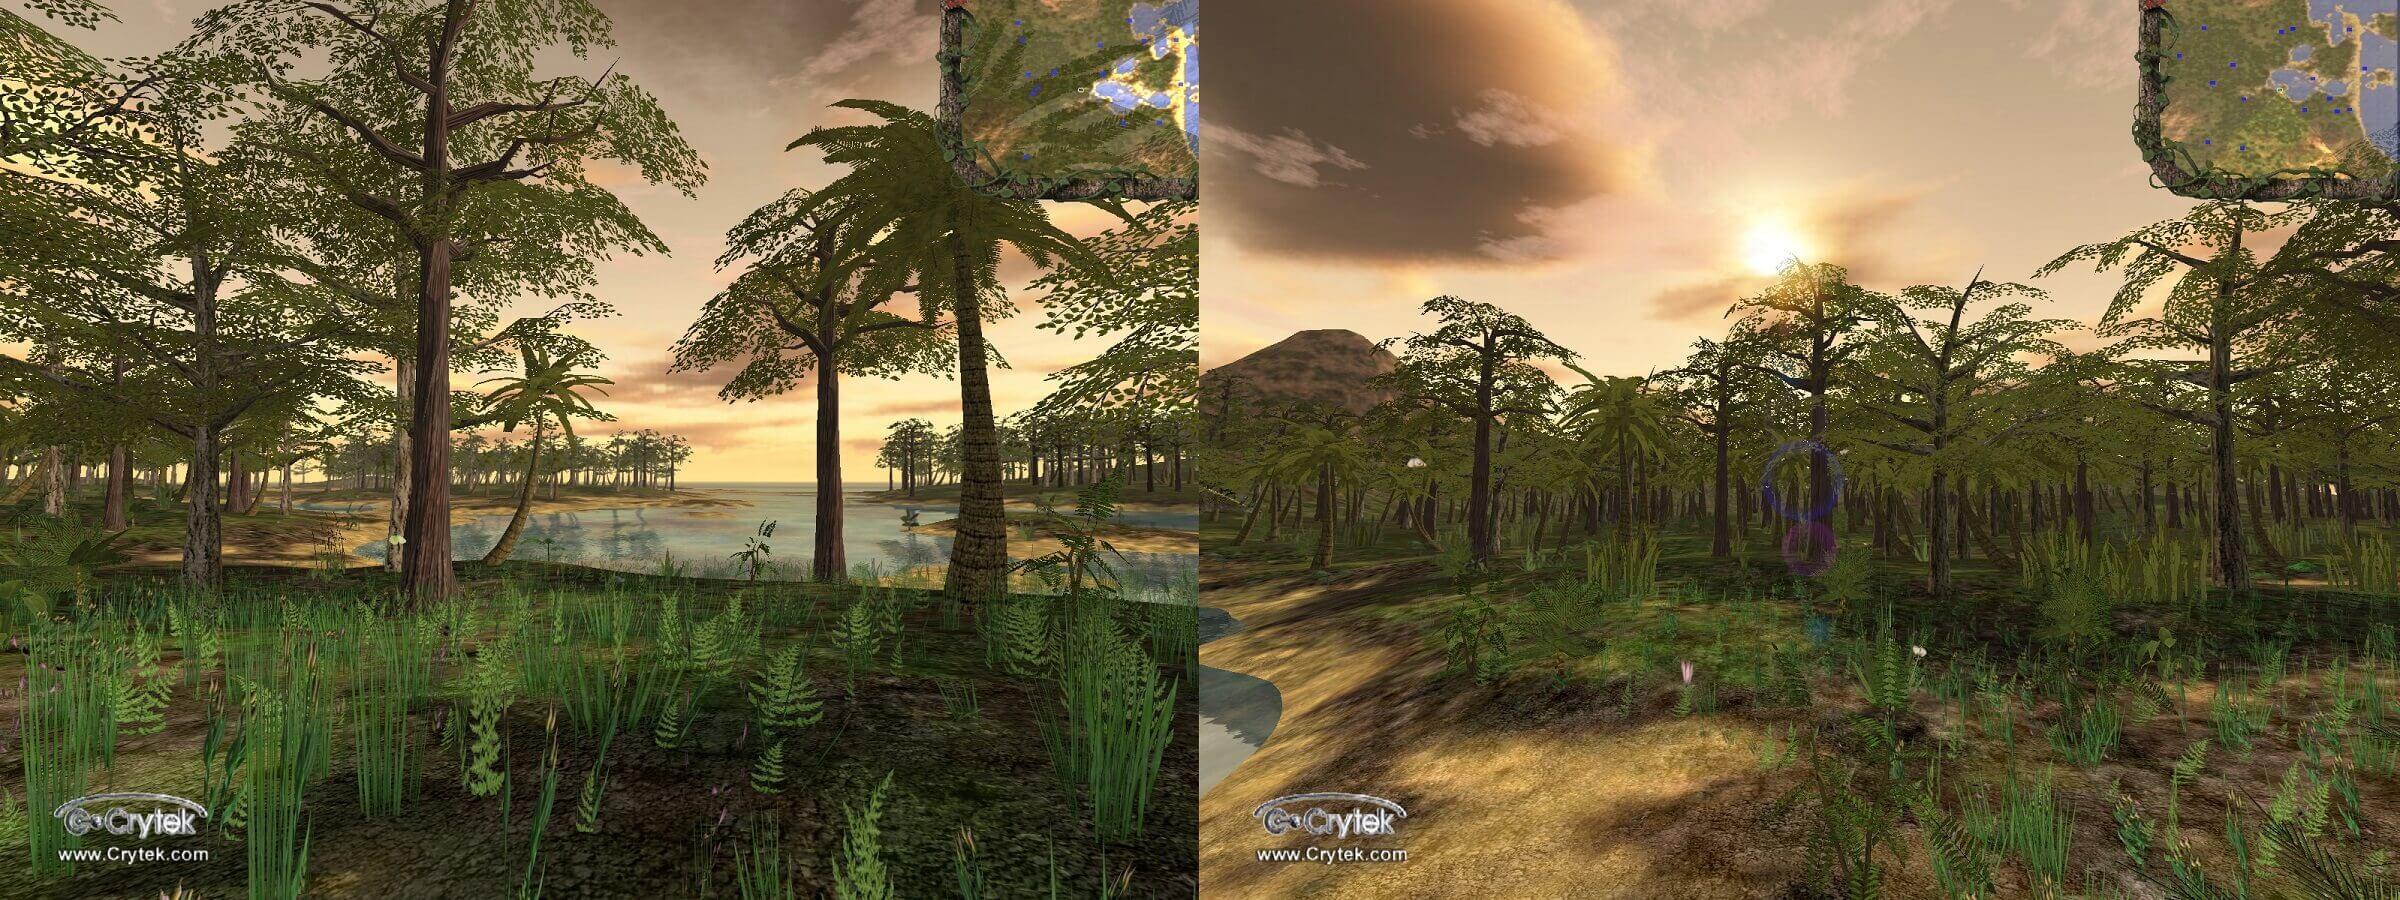 «А Crysis потянет?» Почему до сих пор обсуждают игру, выпущенную 13 лет назад - 2